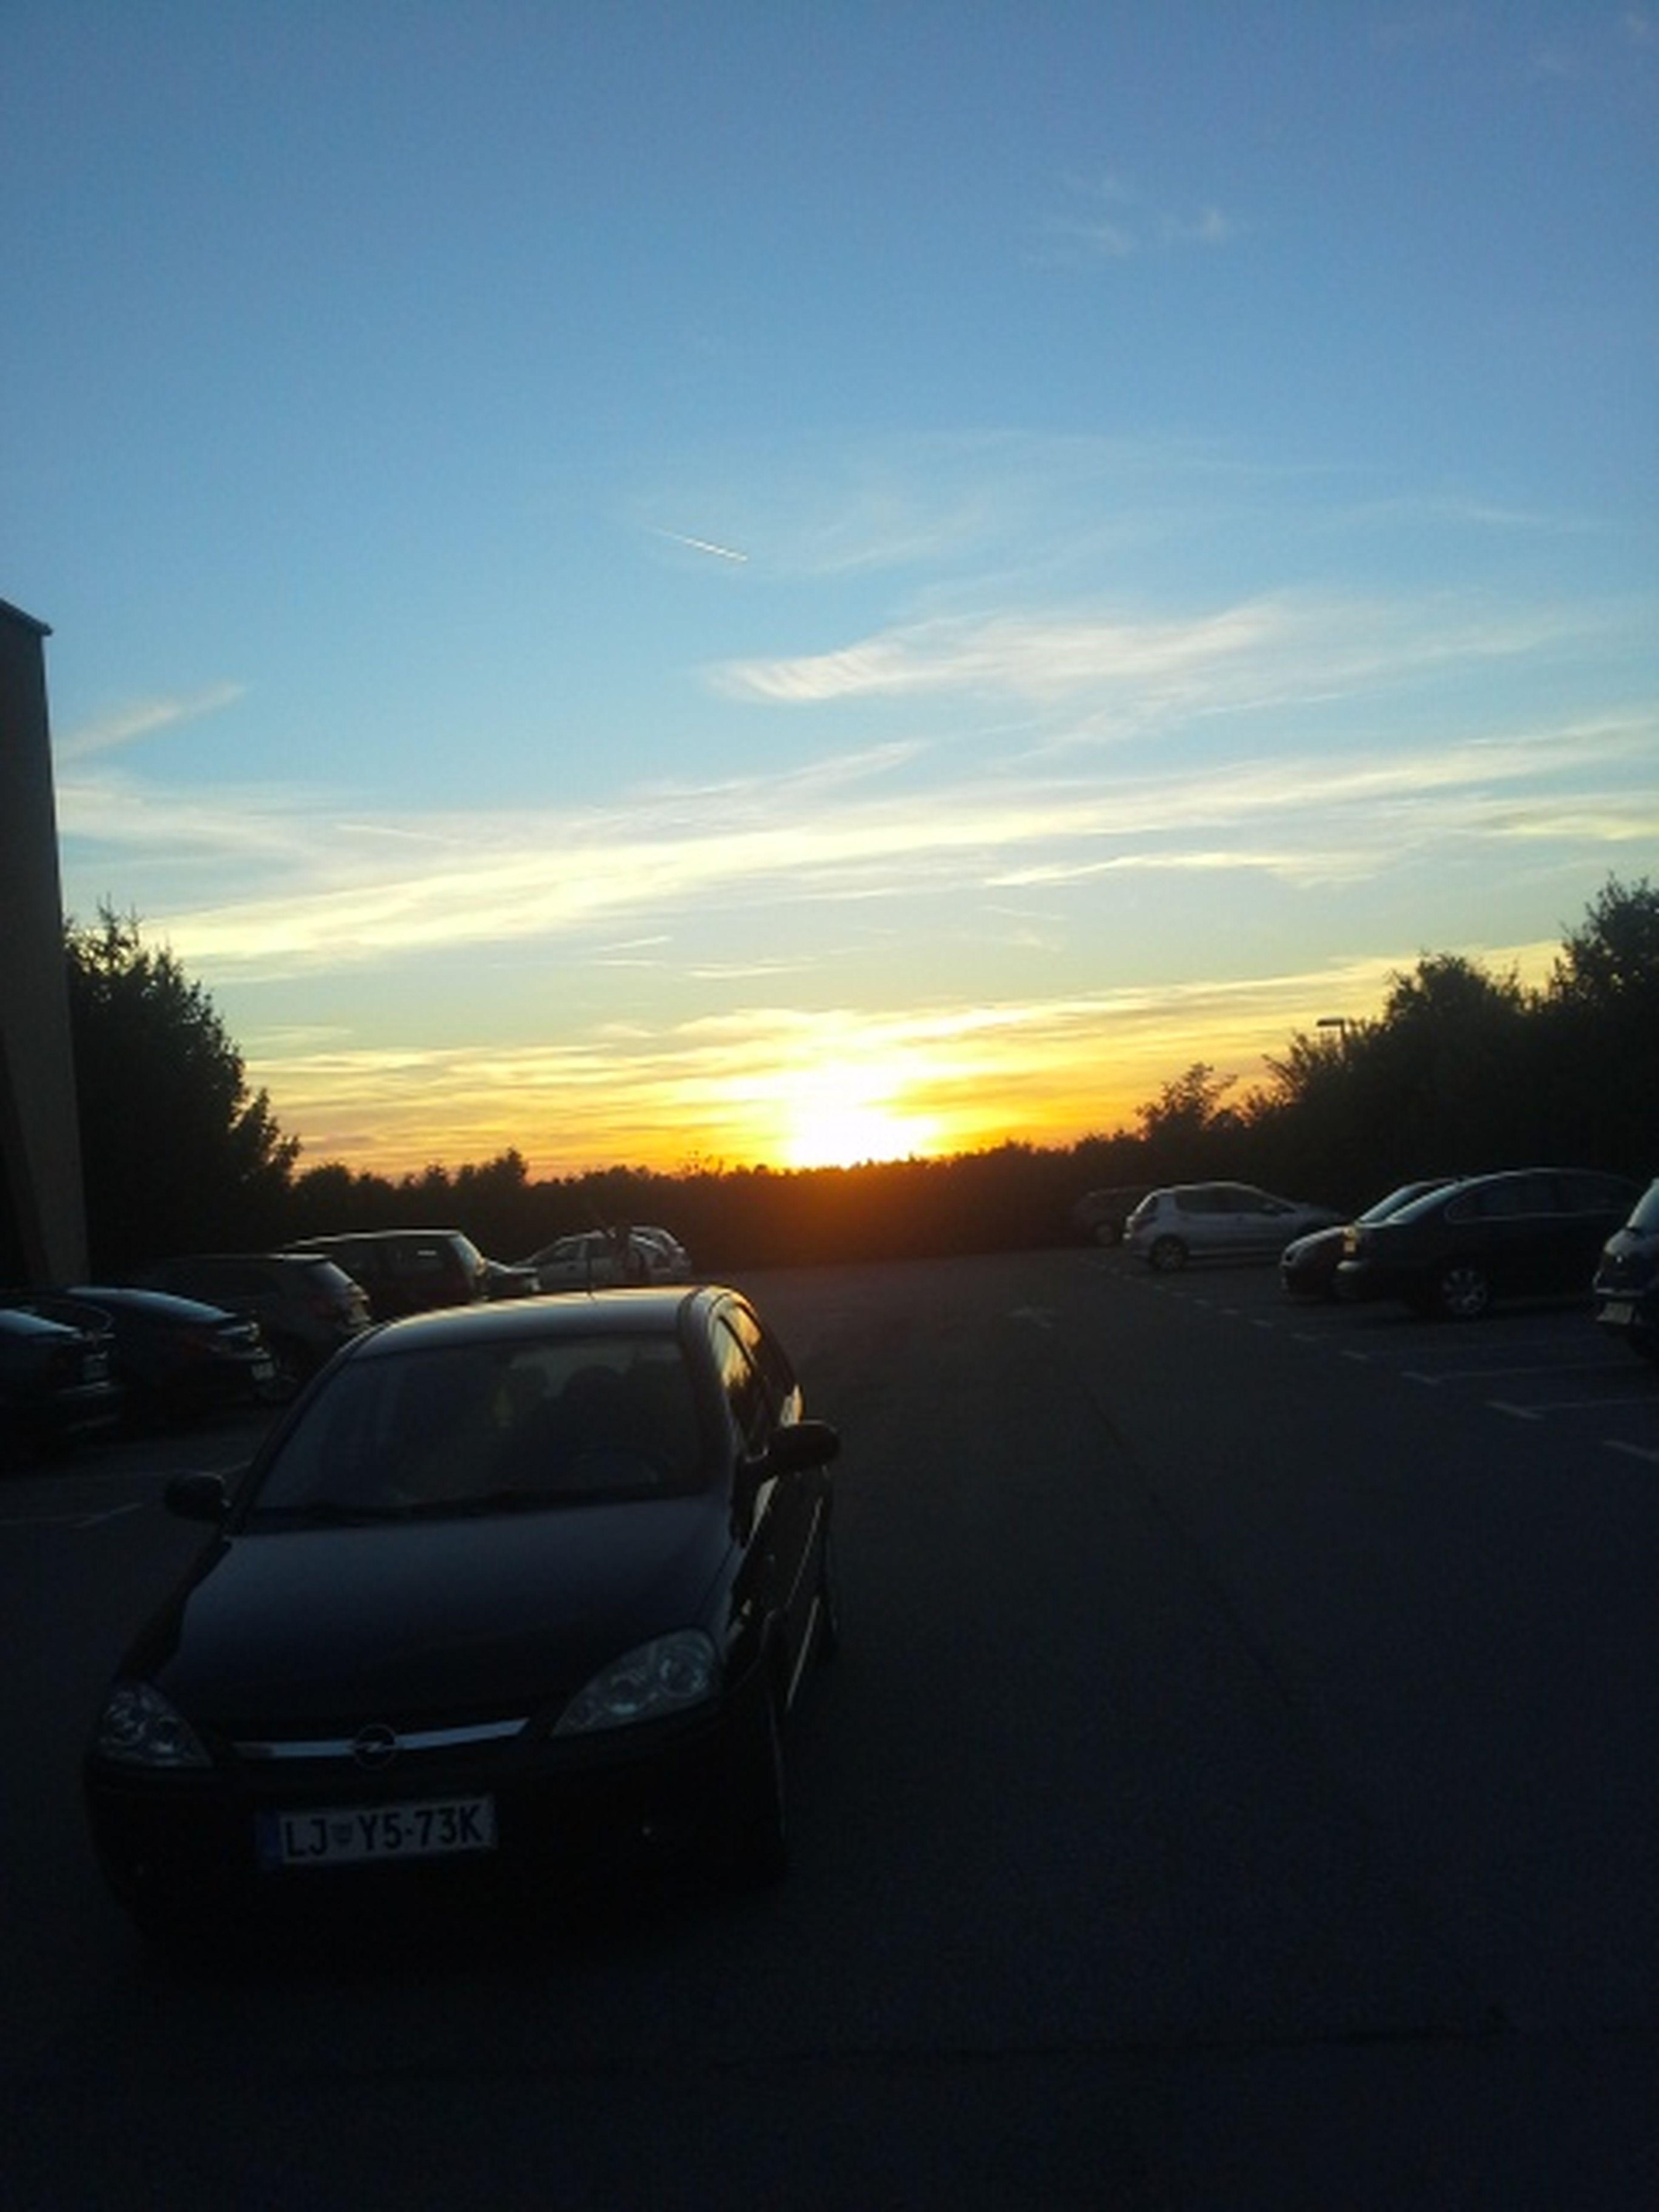 Sunset Beautiful Day